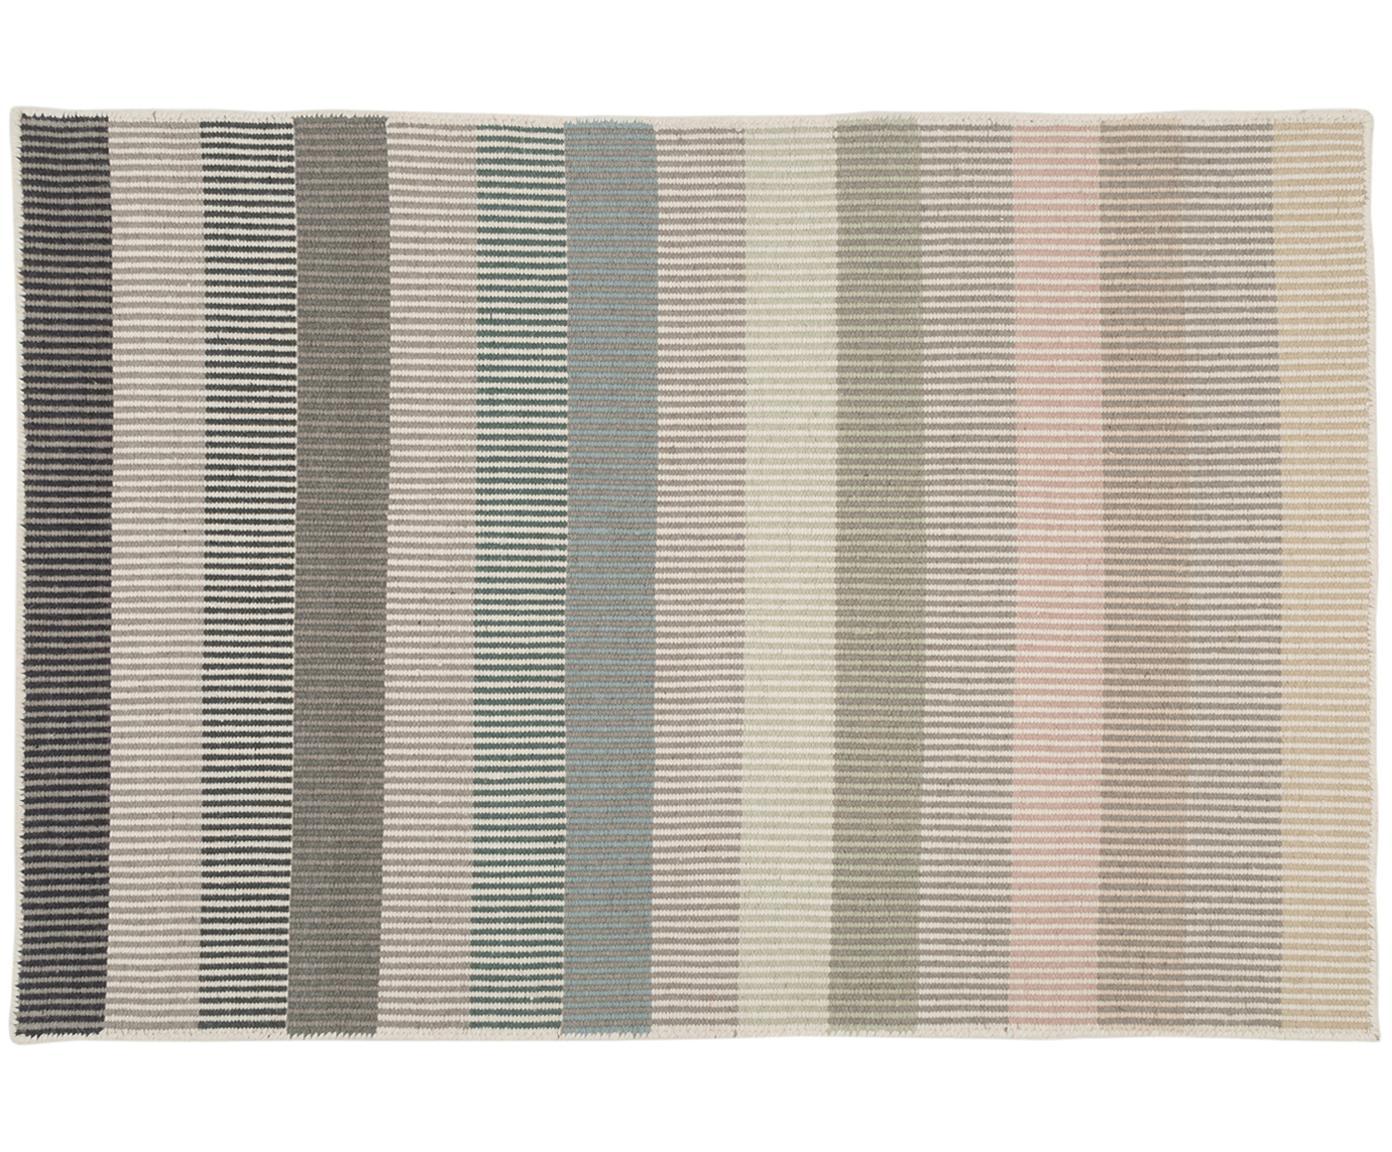 Gestreepte wollen vloerkleed Devise, handgeweven, Multicolour, 140 x 200 cm